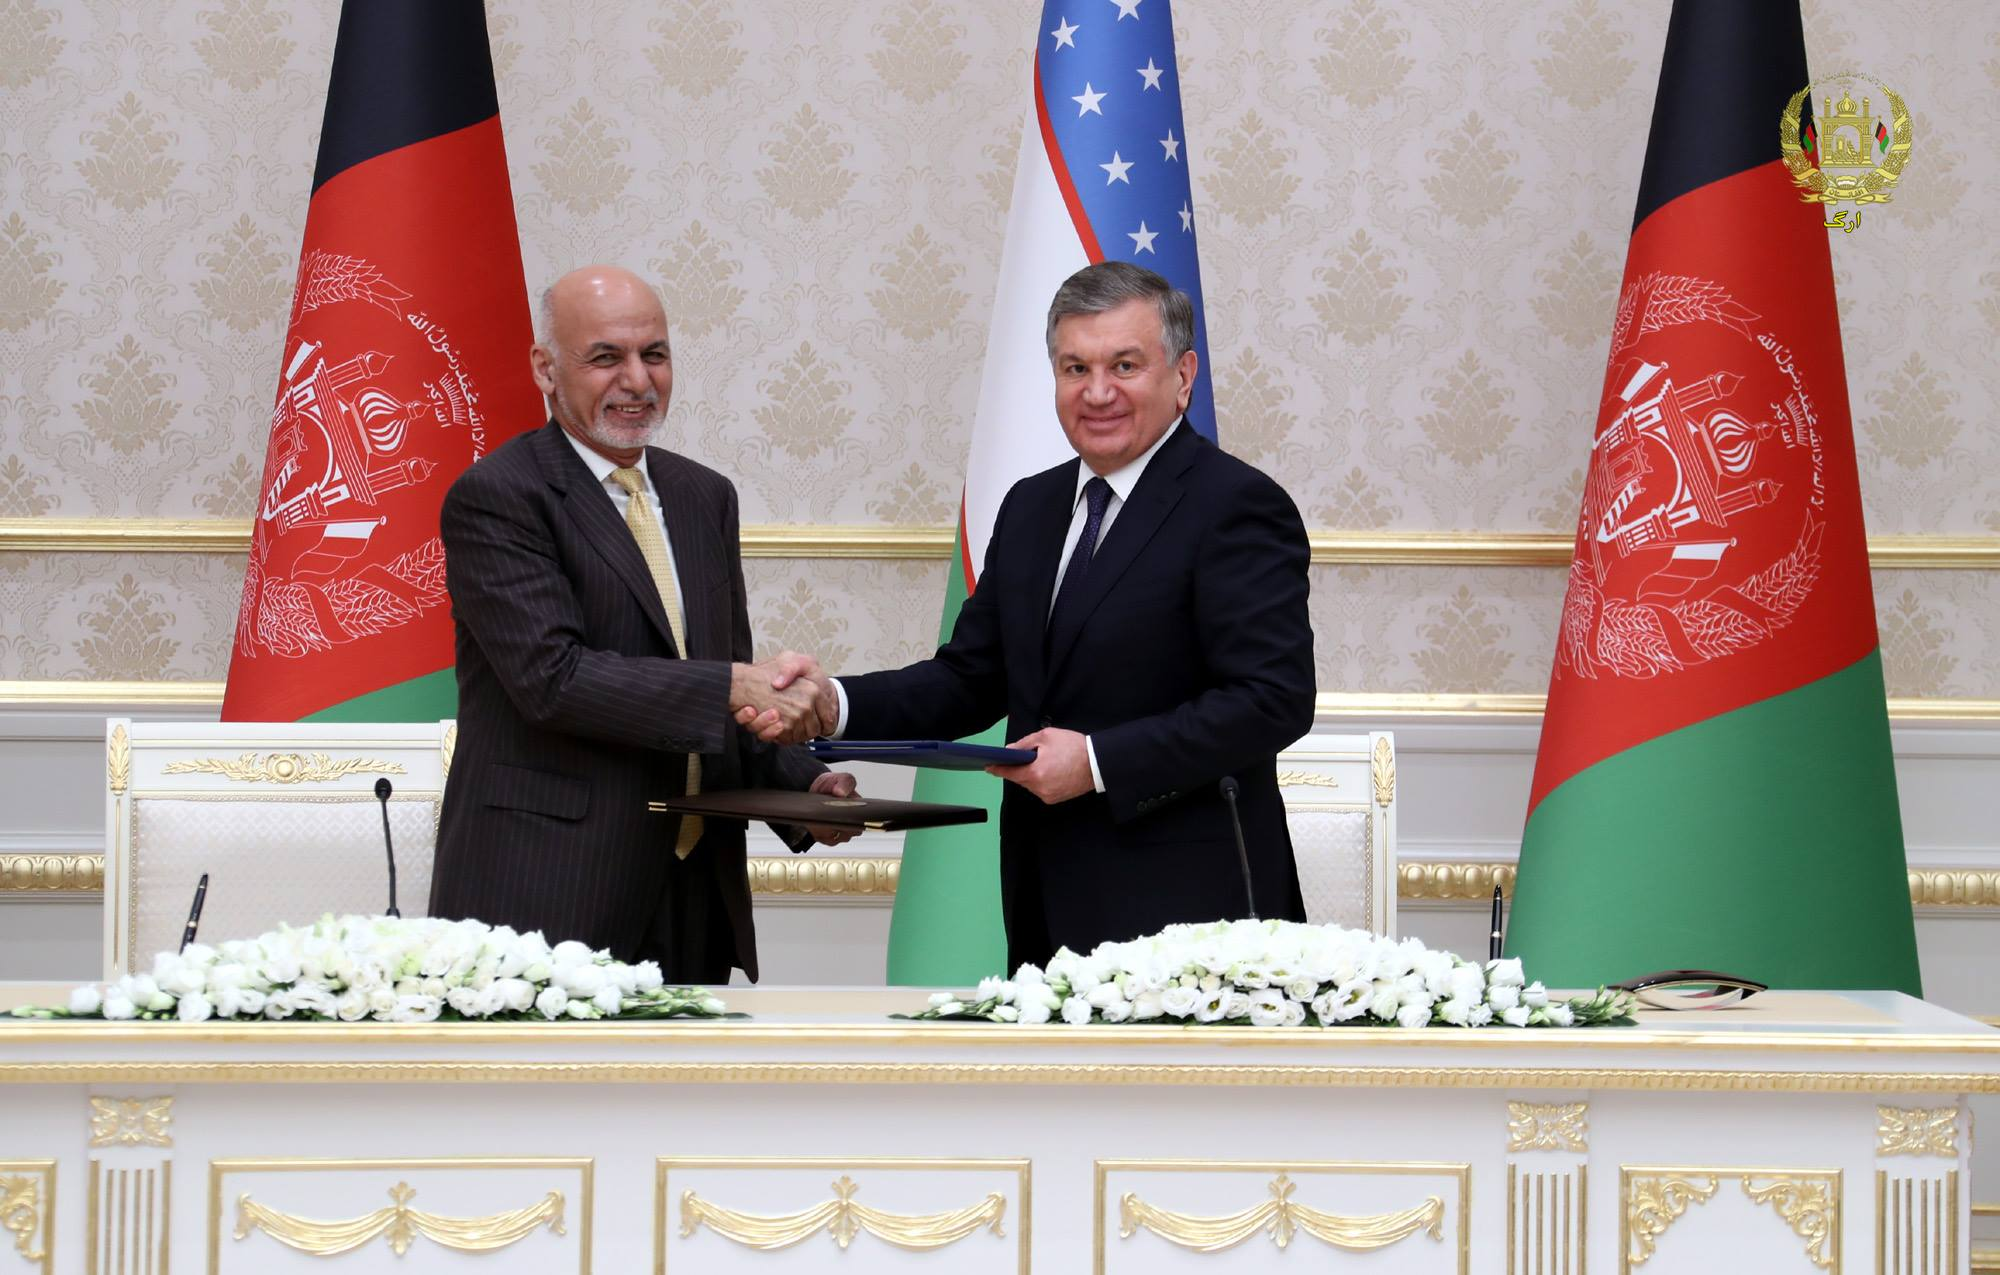 Президент Республики Узбекистан Шавкат Мирзиёев (справа) и президент Афганистана Ашраф Гани (слева) наблюдают за подписанием десятков соглашений и торговых контрактов на сумму более 500 млн долларов. Ташкент, 5 декабря. [Президентский дворец в Афганистане]